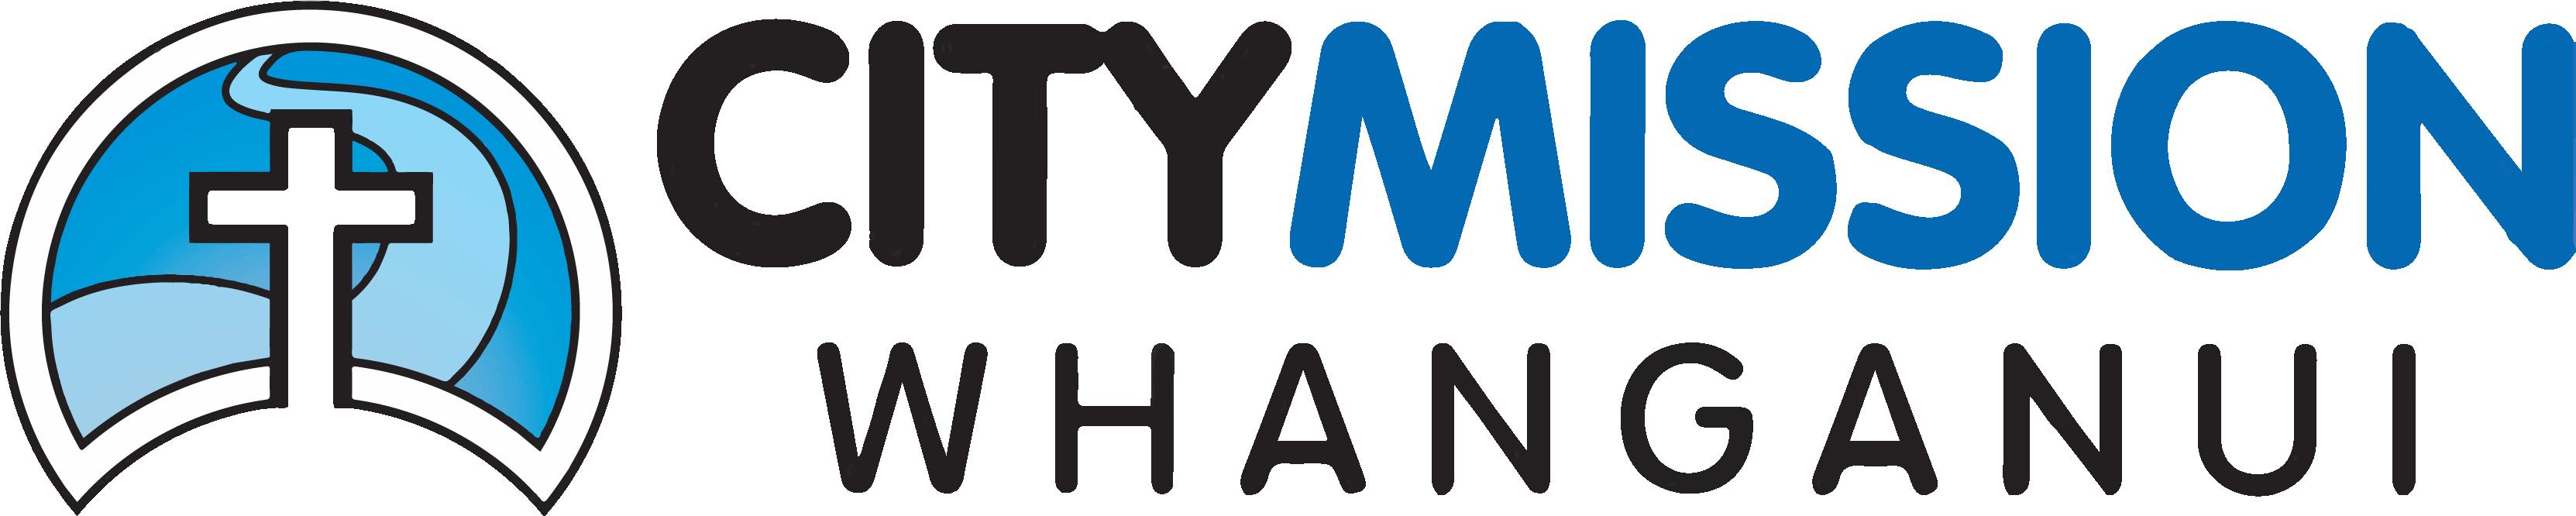 City Mission